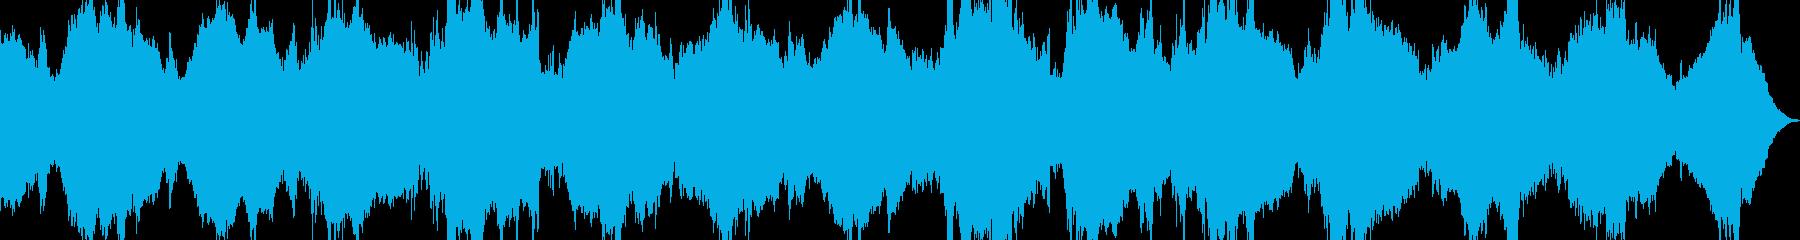 宇宙やスローモーションを感じる曲の再生済みの波形